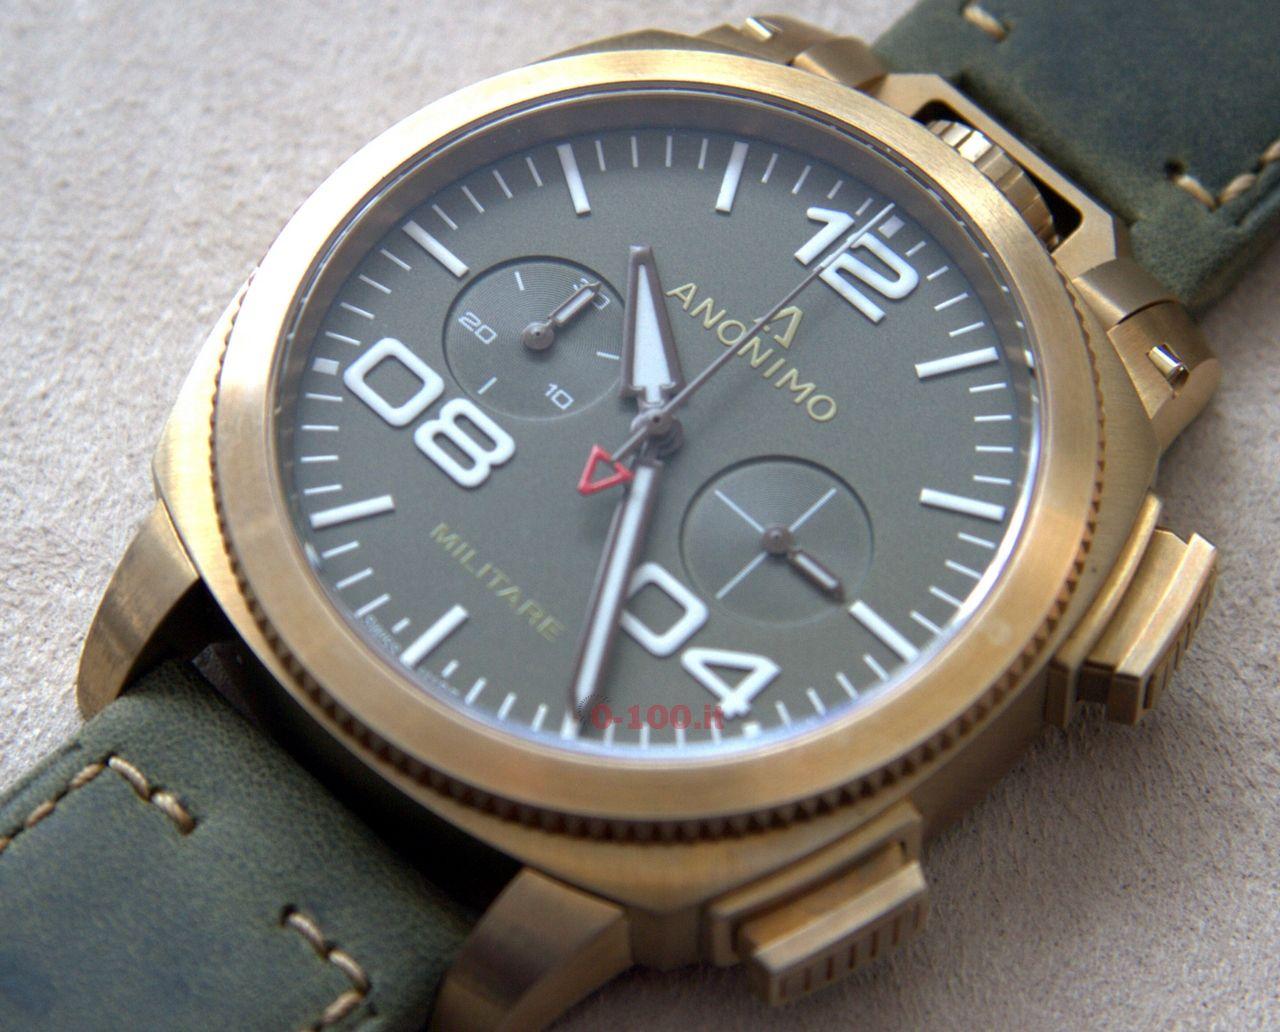 anonimo_militare-nautilo-chrono-date-bronze-prezzo-price-negozi-dealer-0-100_33